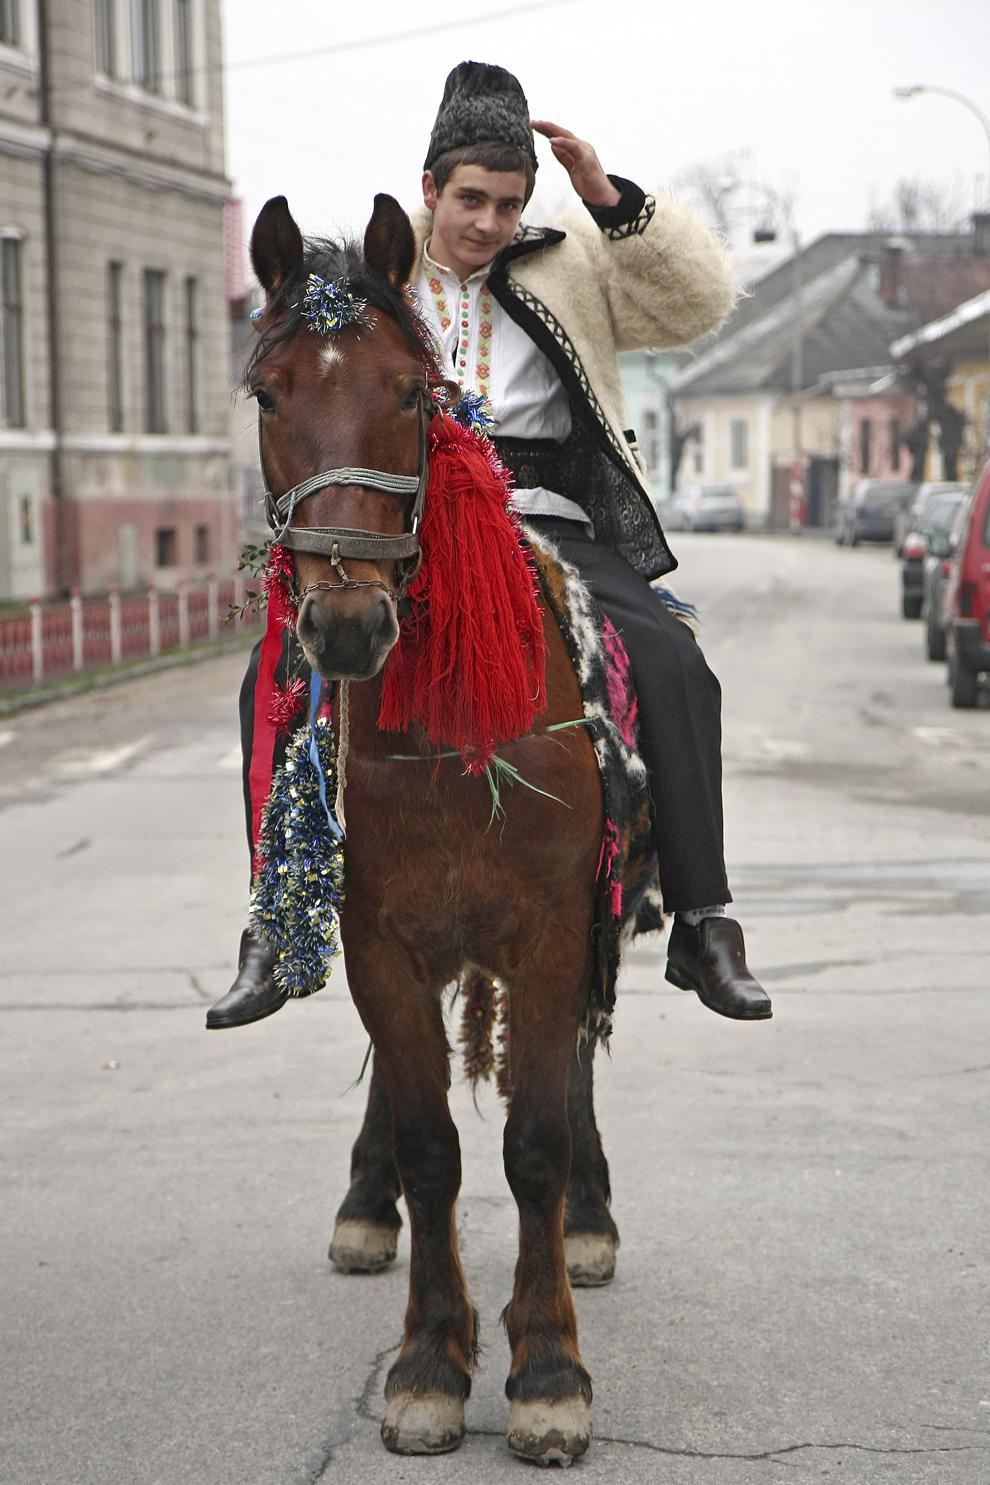 Un tânăr călare îmbrăcat în port tradiţional maramureşean, colindă cu ocazia Festivalului de Datini Marmaţia 2009, la Sighetu Marmaţiei, duminică, 27 decembrie 2009.